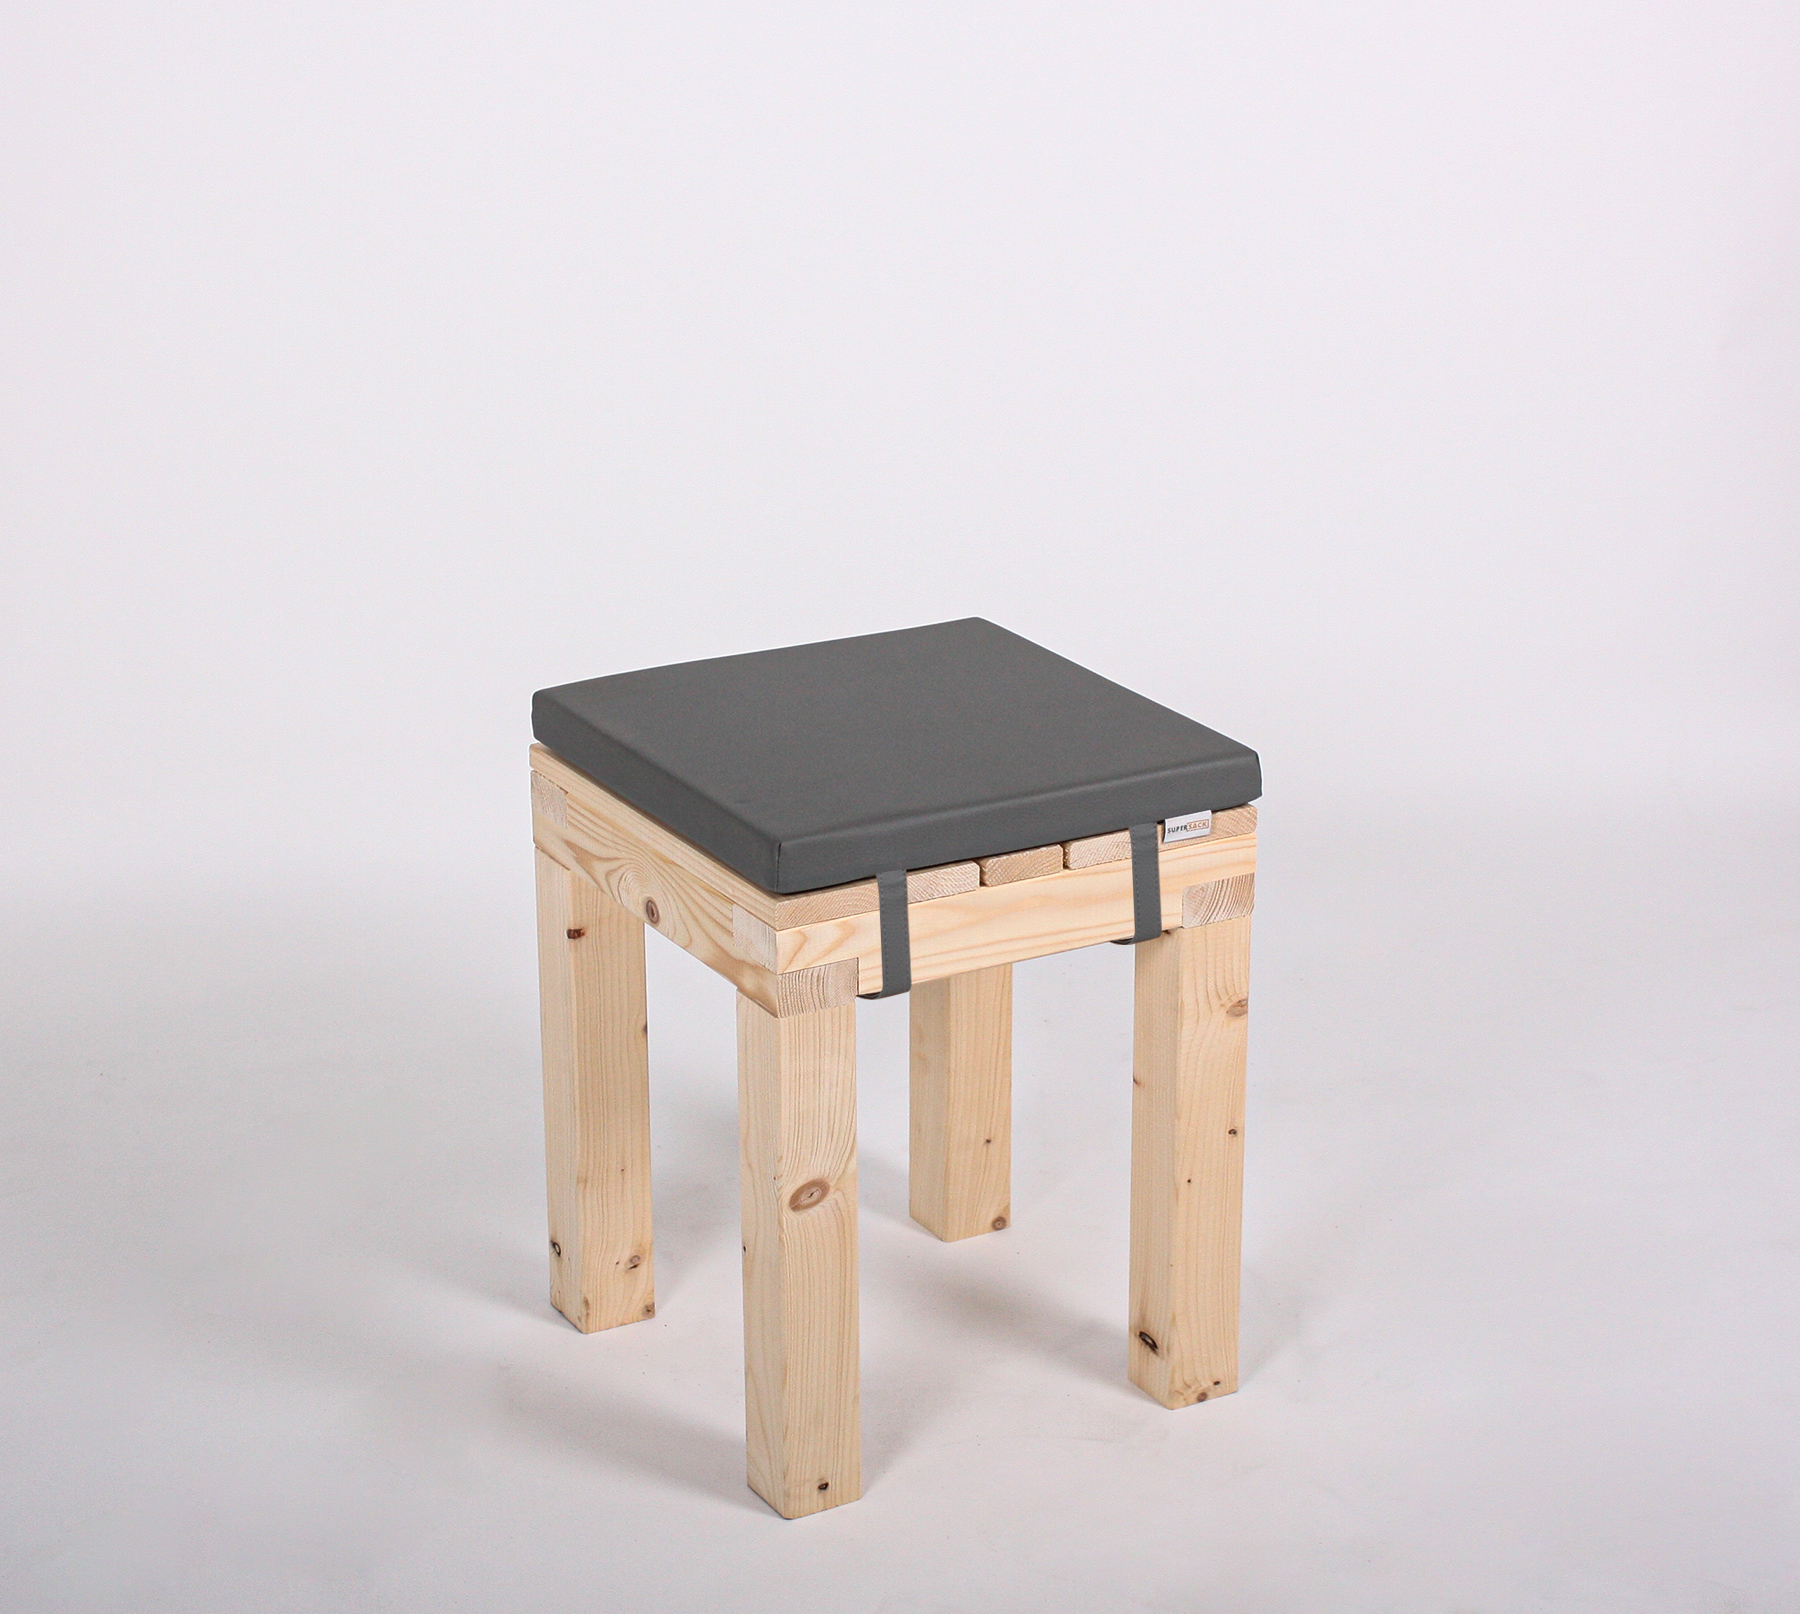 Sitzgarnitur KOMPAKT 8 Personen Tisch 120 cm